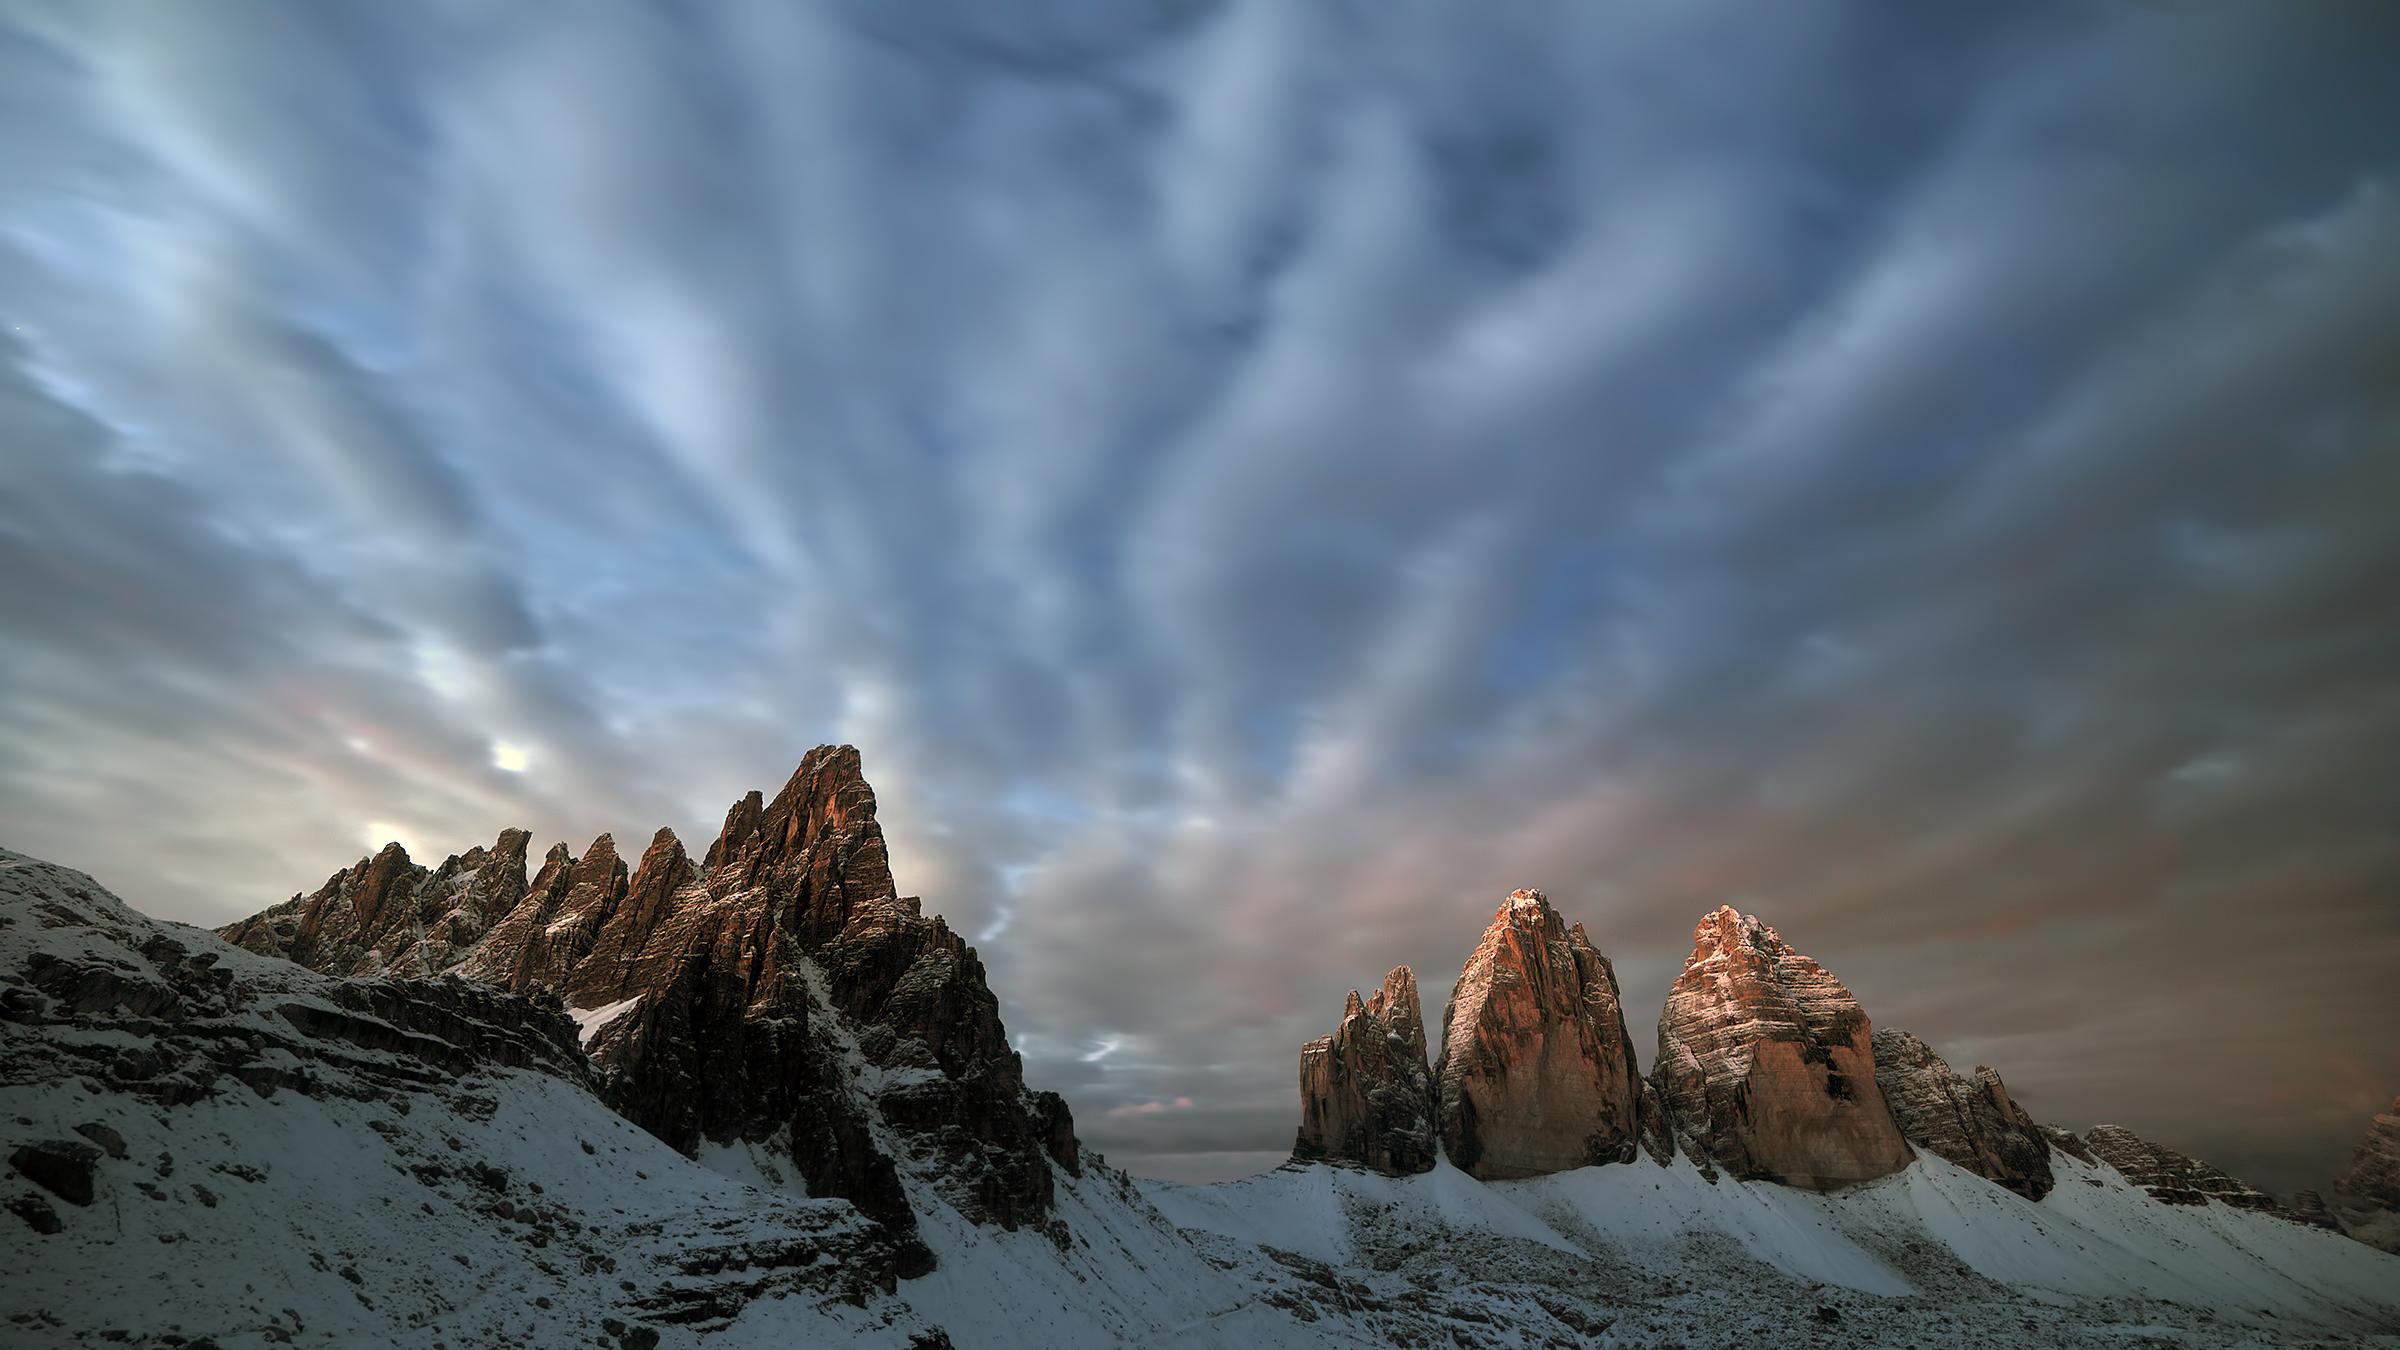 A sunrise on the Three Peaks...